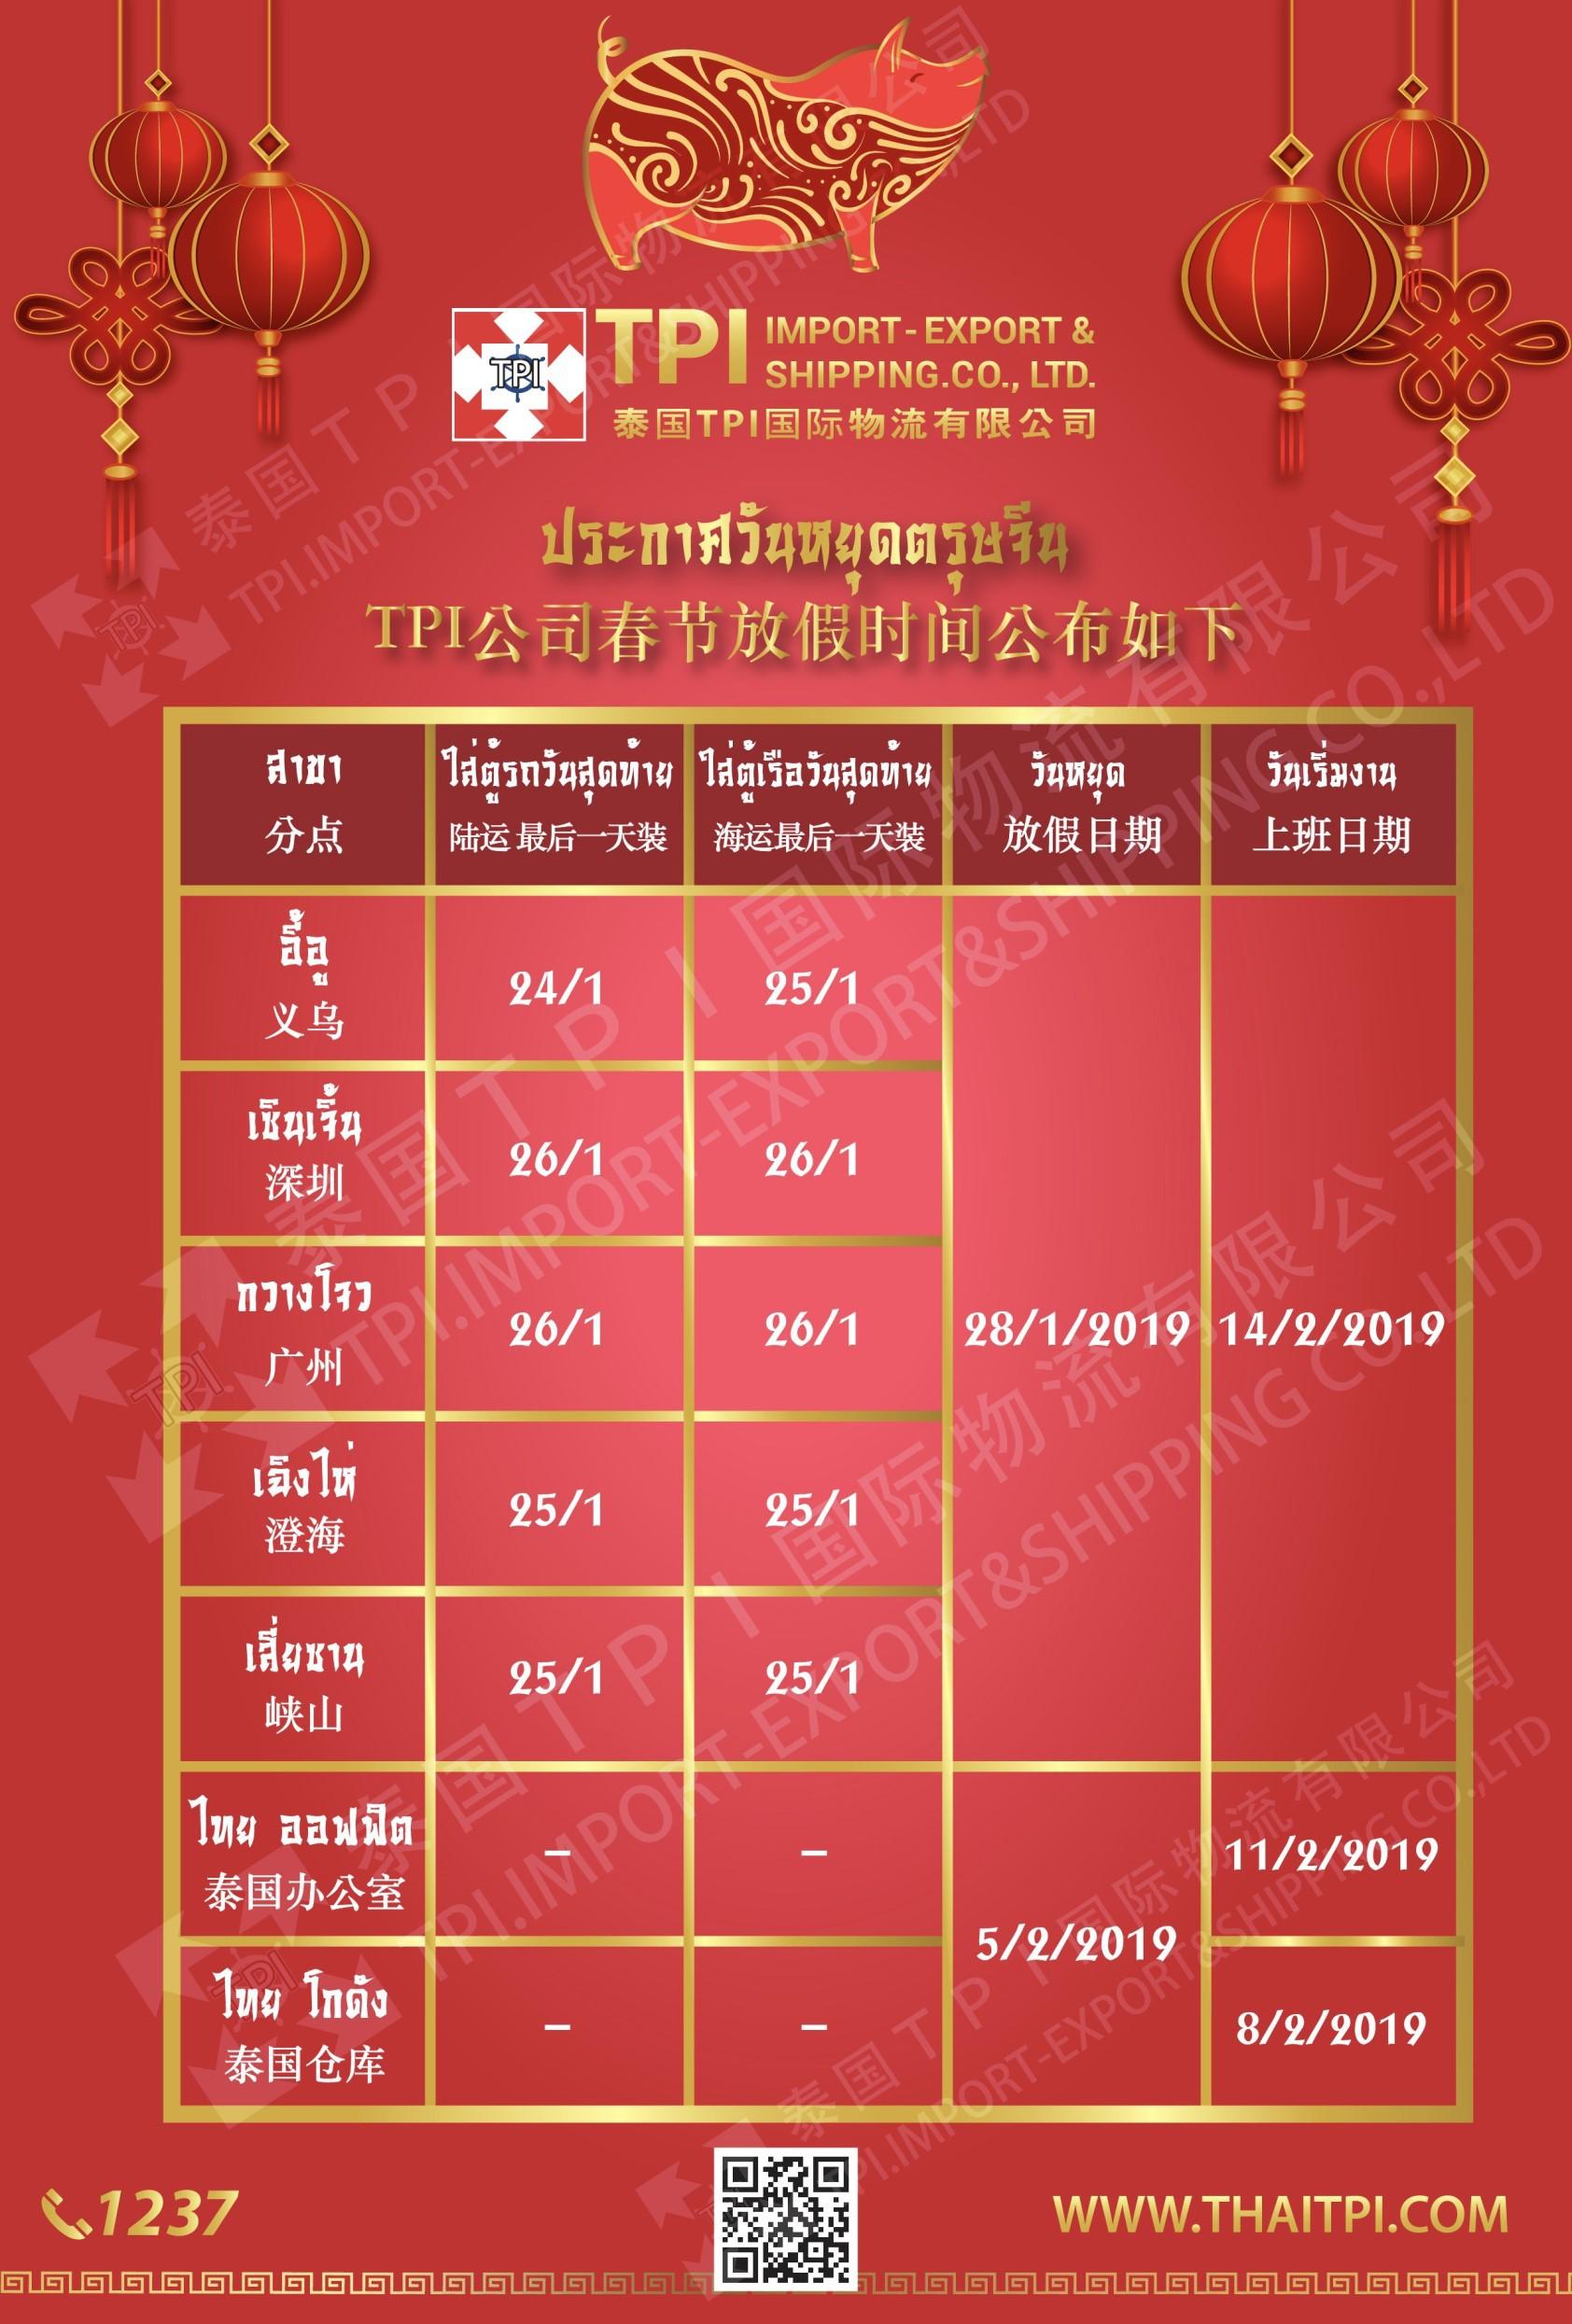 TPI公司春节放假时间公布如下